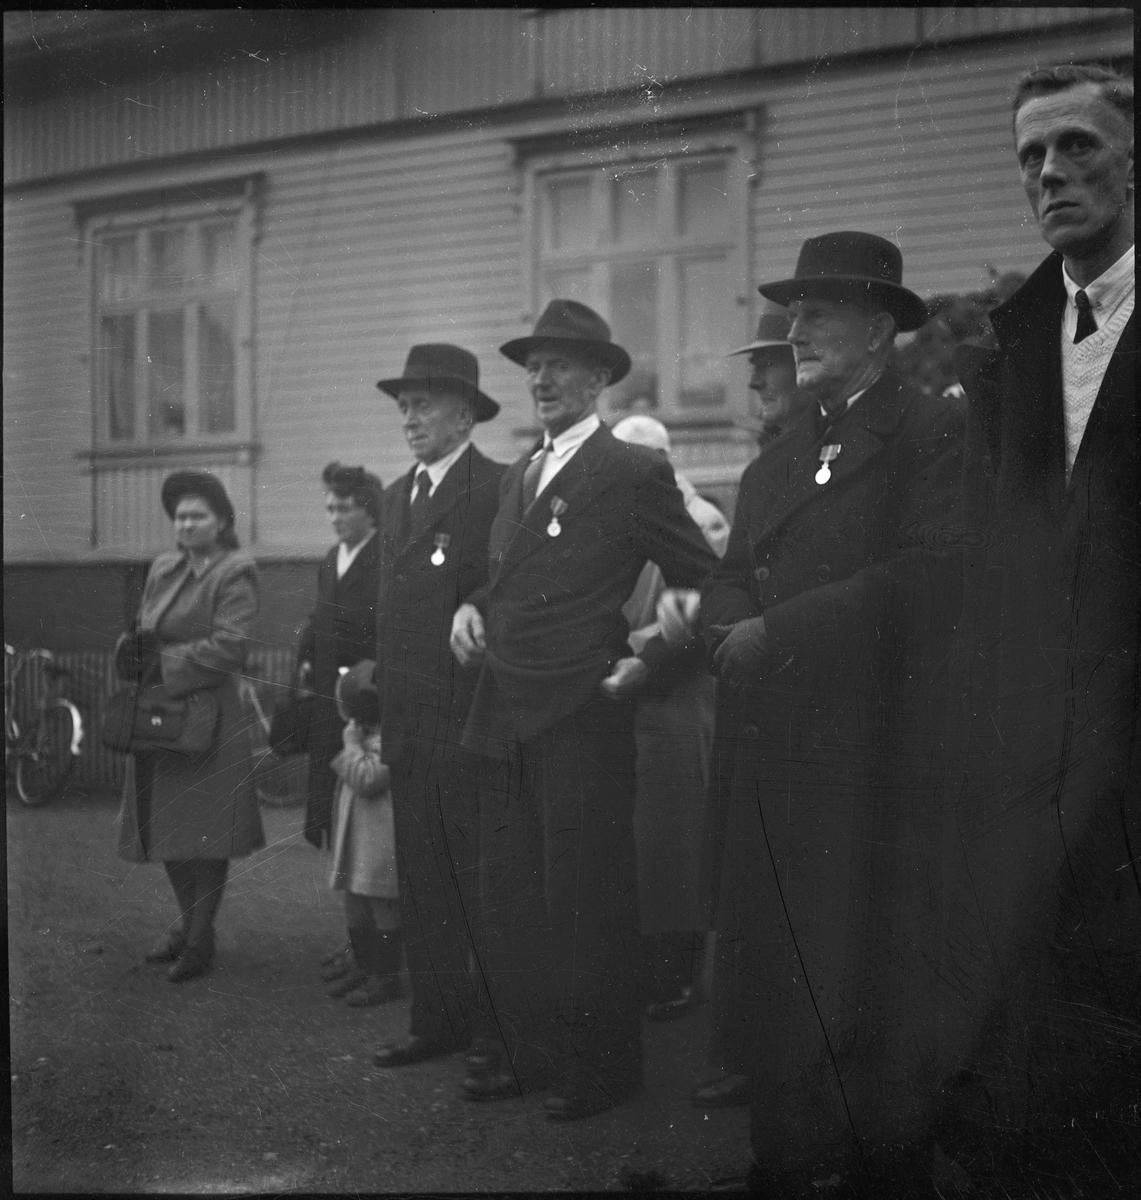 Tale og kransenedleggelse ved bysten av Johan Feyer, grunnleggeren av Egersund Fayancefabrikk. Mange folk har kommet for å se på, også flere veteraner.